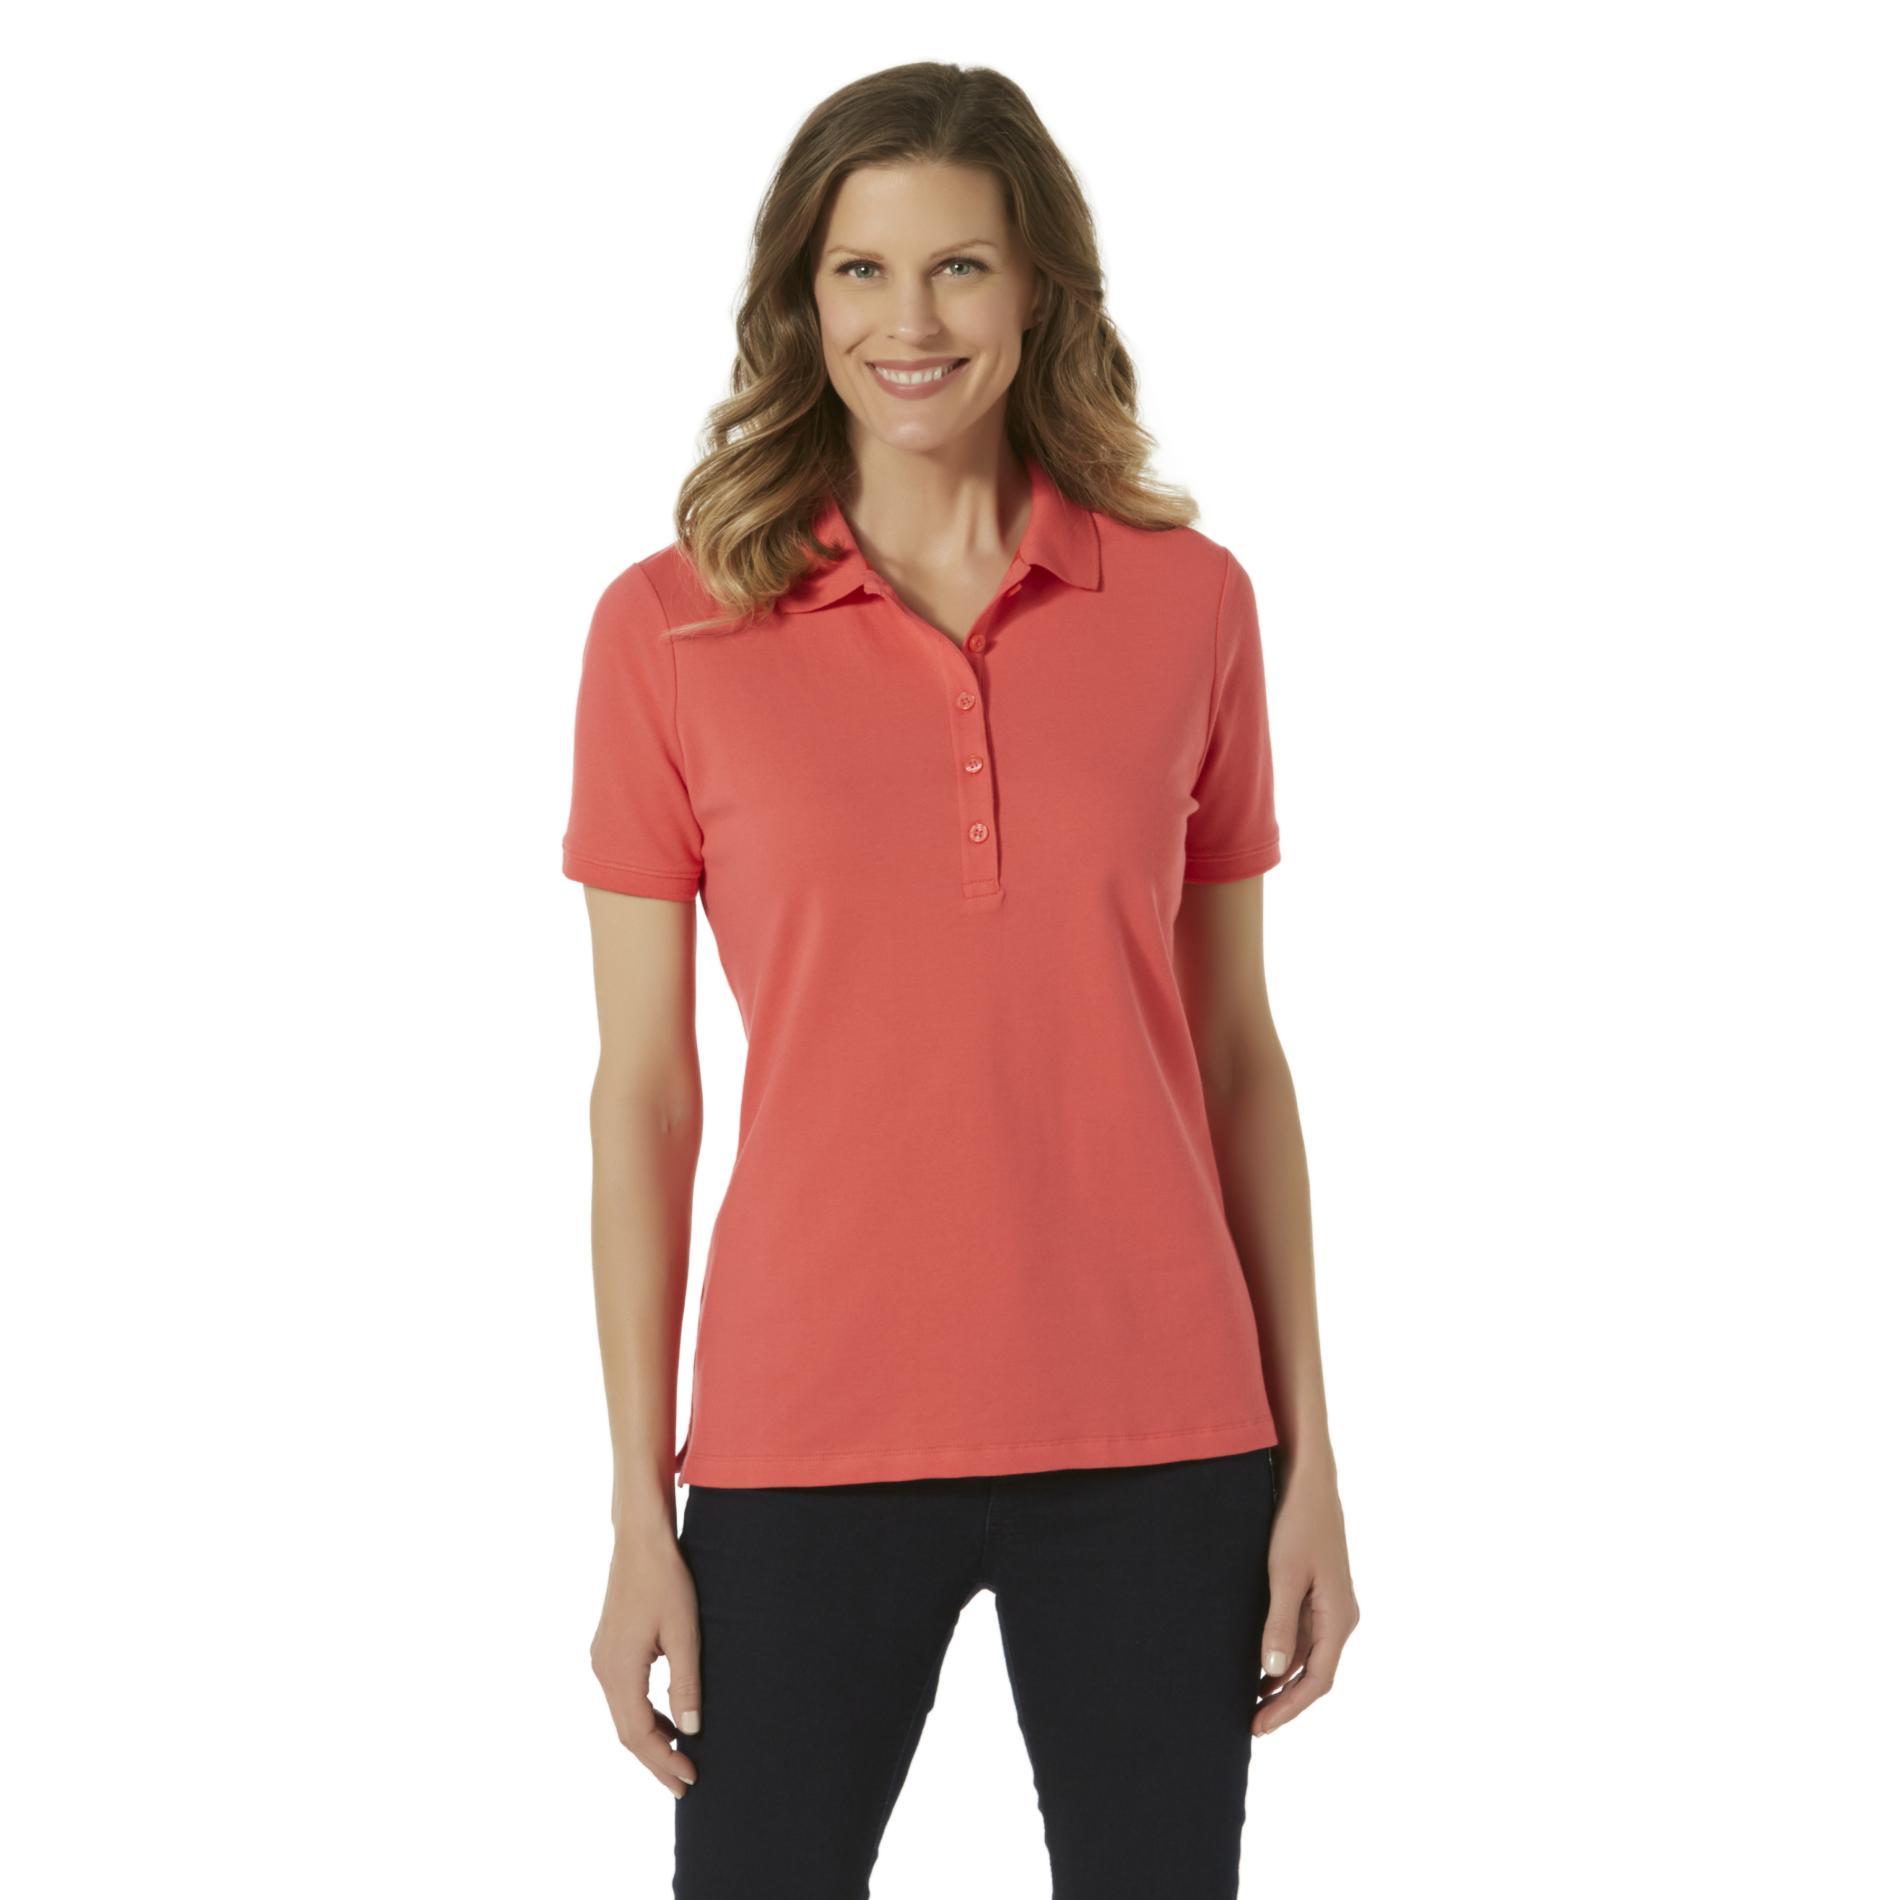 polo shirts for women laura scott womenu0027s polo shirt - sears CHKASWT